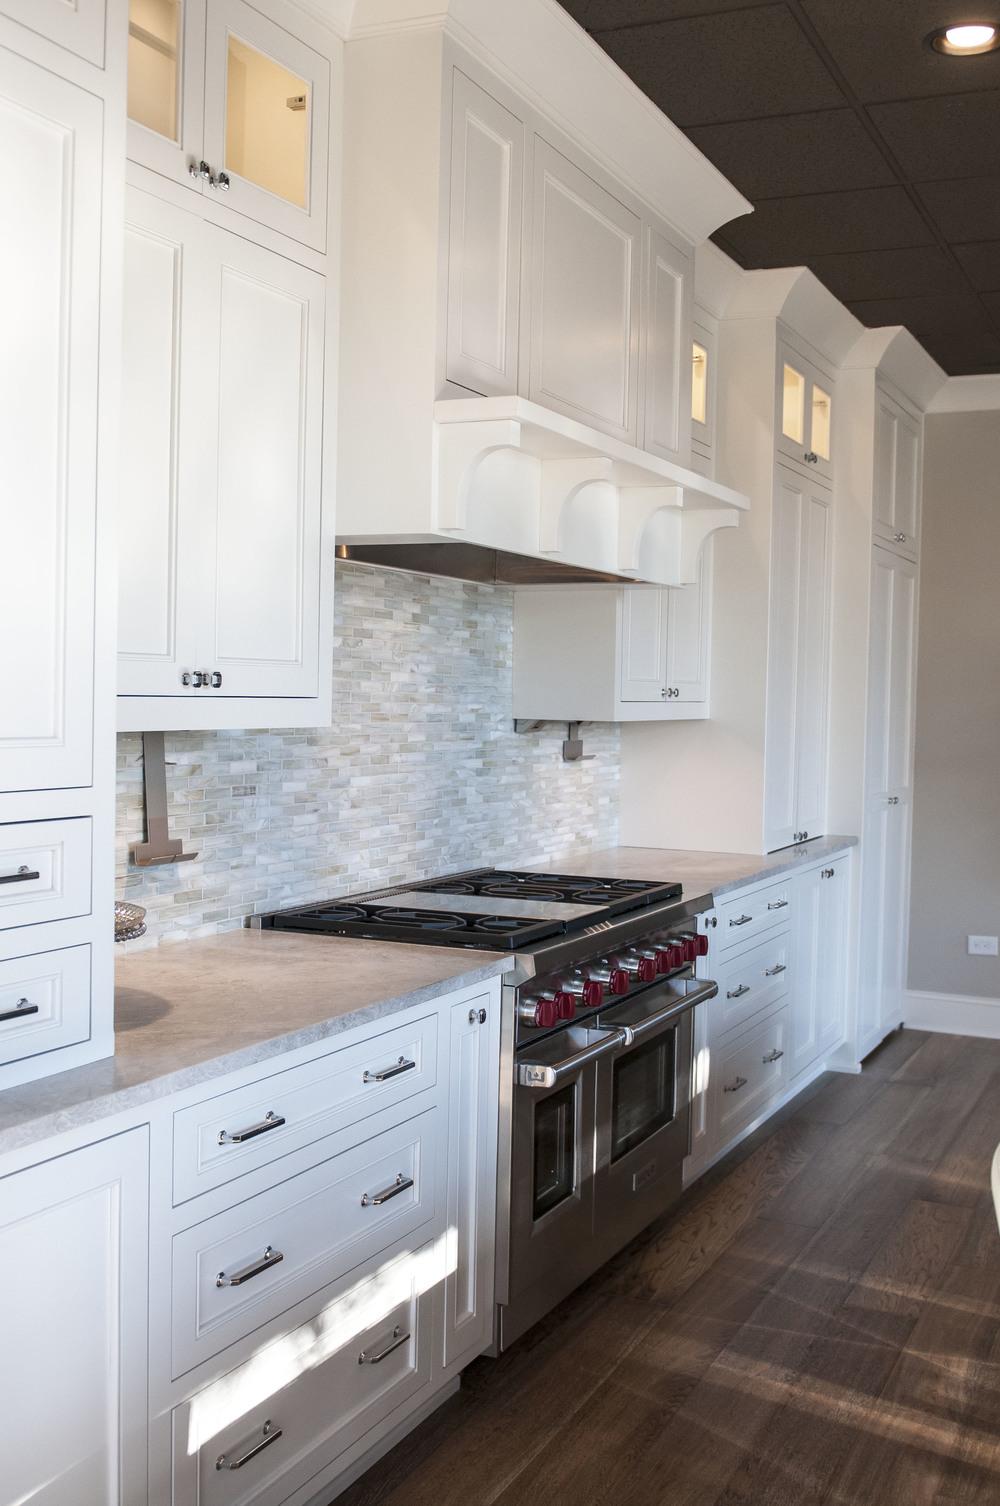 The White Kitchen Interior Design Charlotte Nc Kbn Interiors